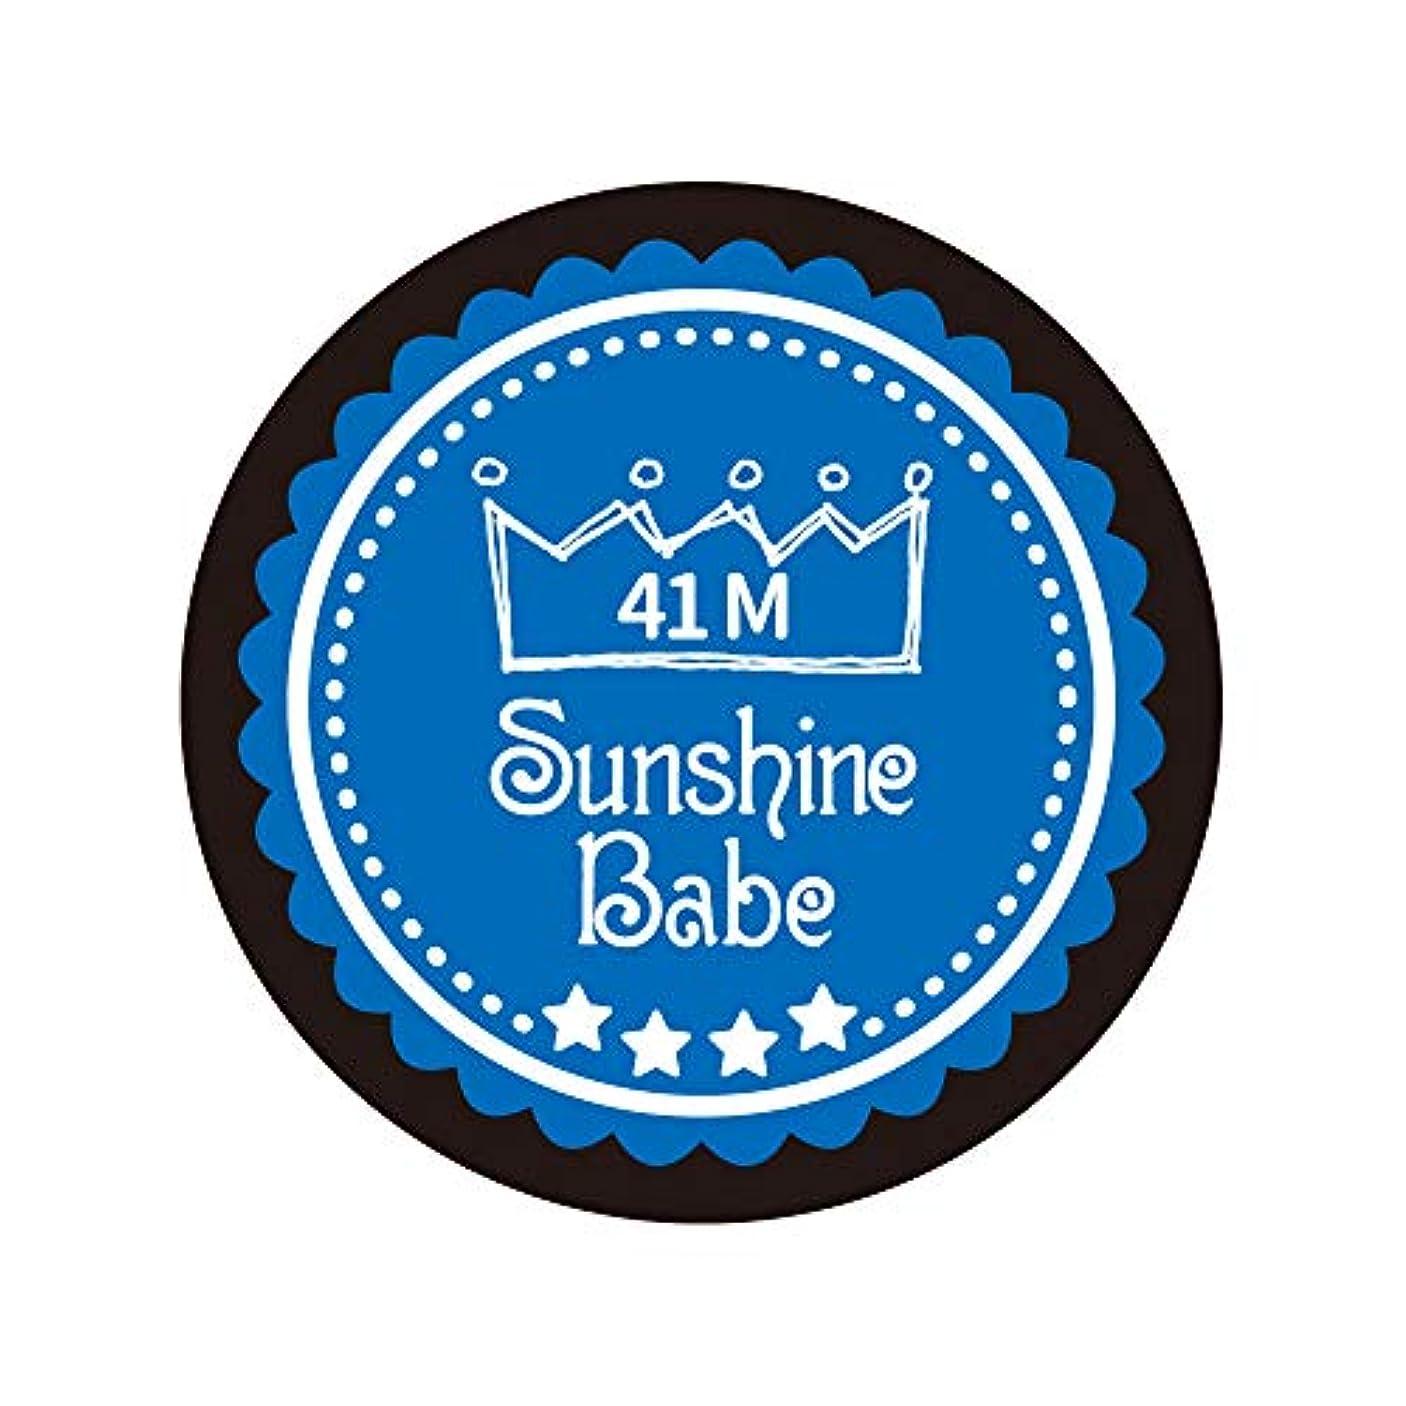 大型トラック生む講義Sunshine Babe カラージェル 41M ネブラスブルー 4g UV/LED対応